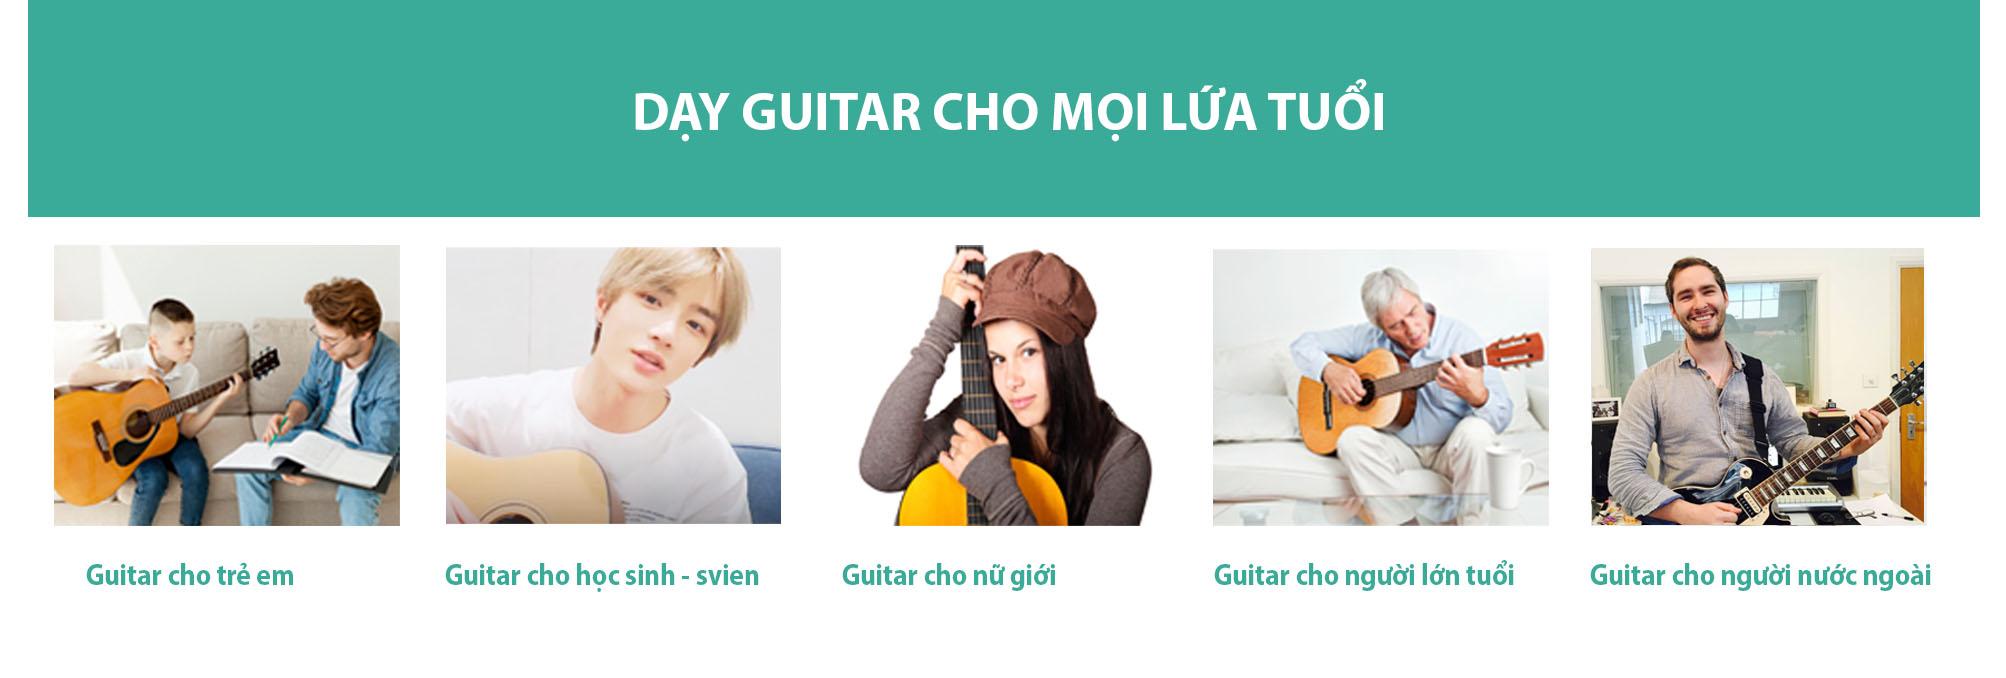 day dan guitar tai nha